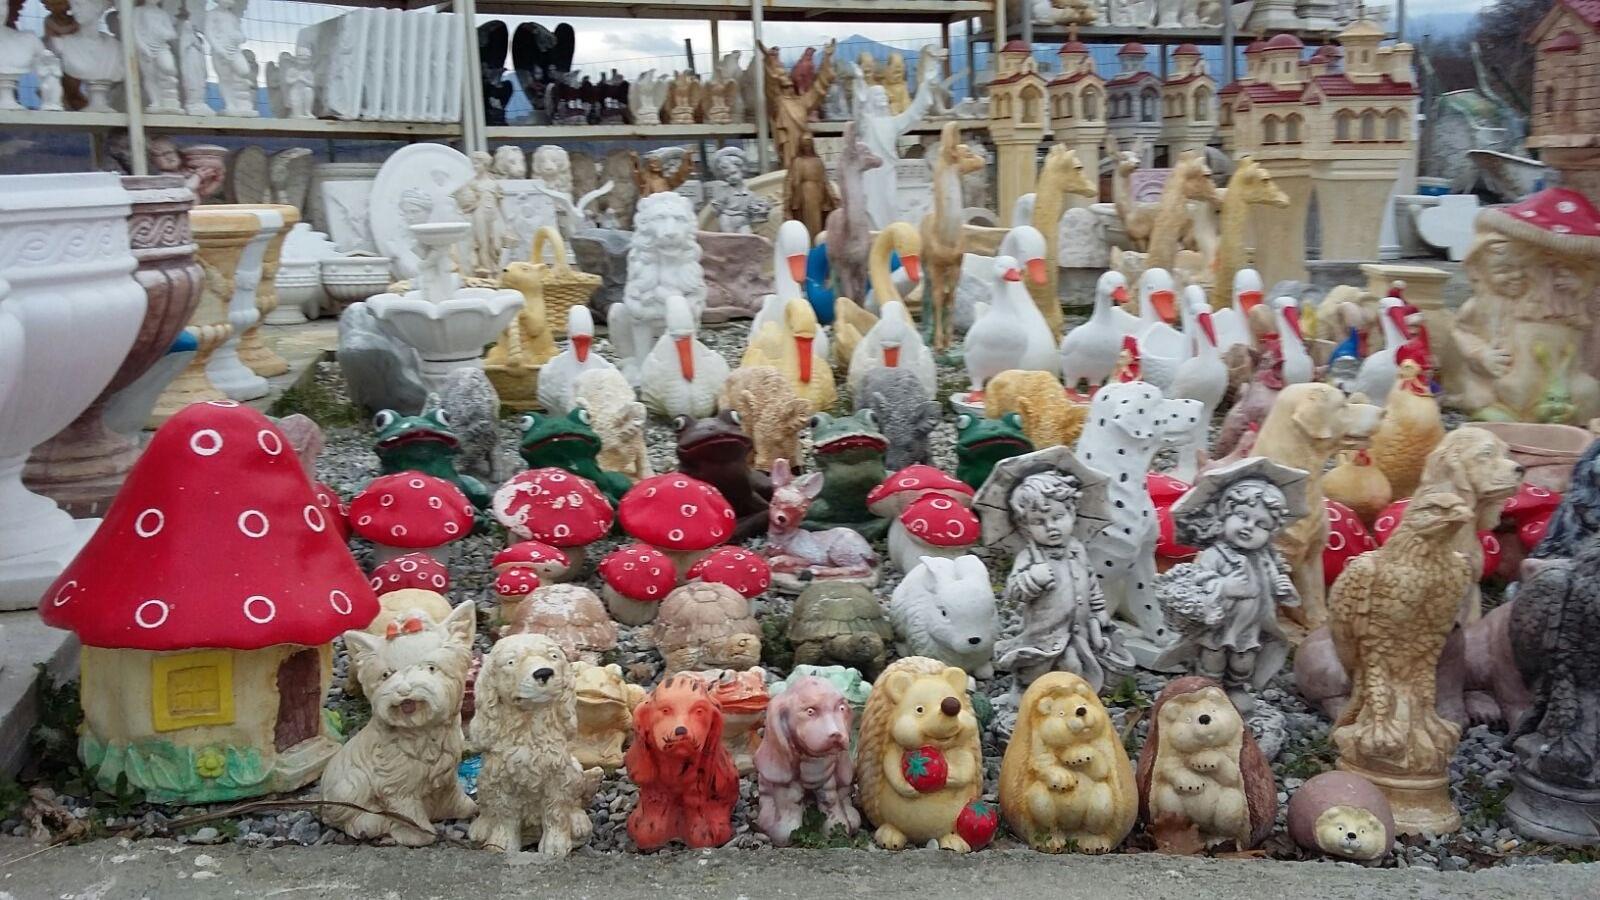 Ψησταριές για μαγαζιά και σπίτια στη Γερμανία και Χιλιάδες είδη για τη διακόσμηση χώρων